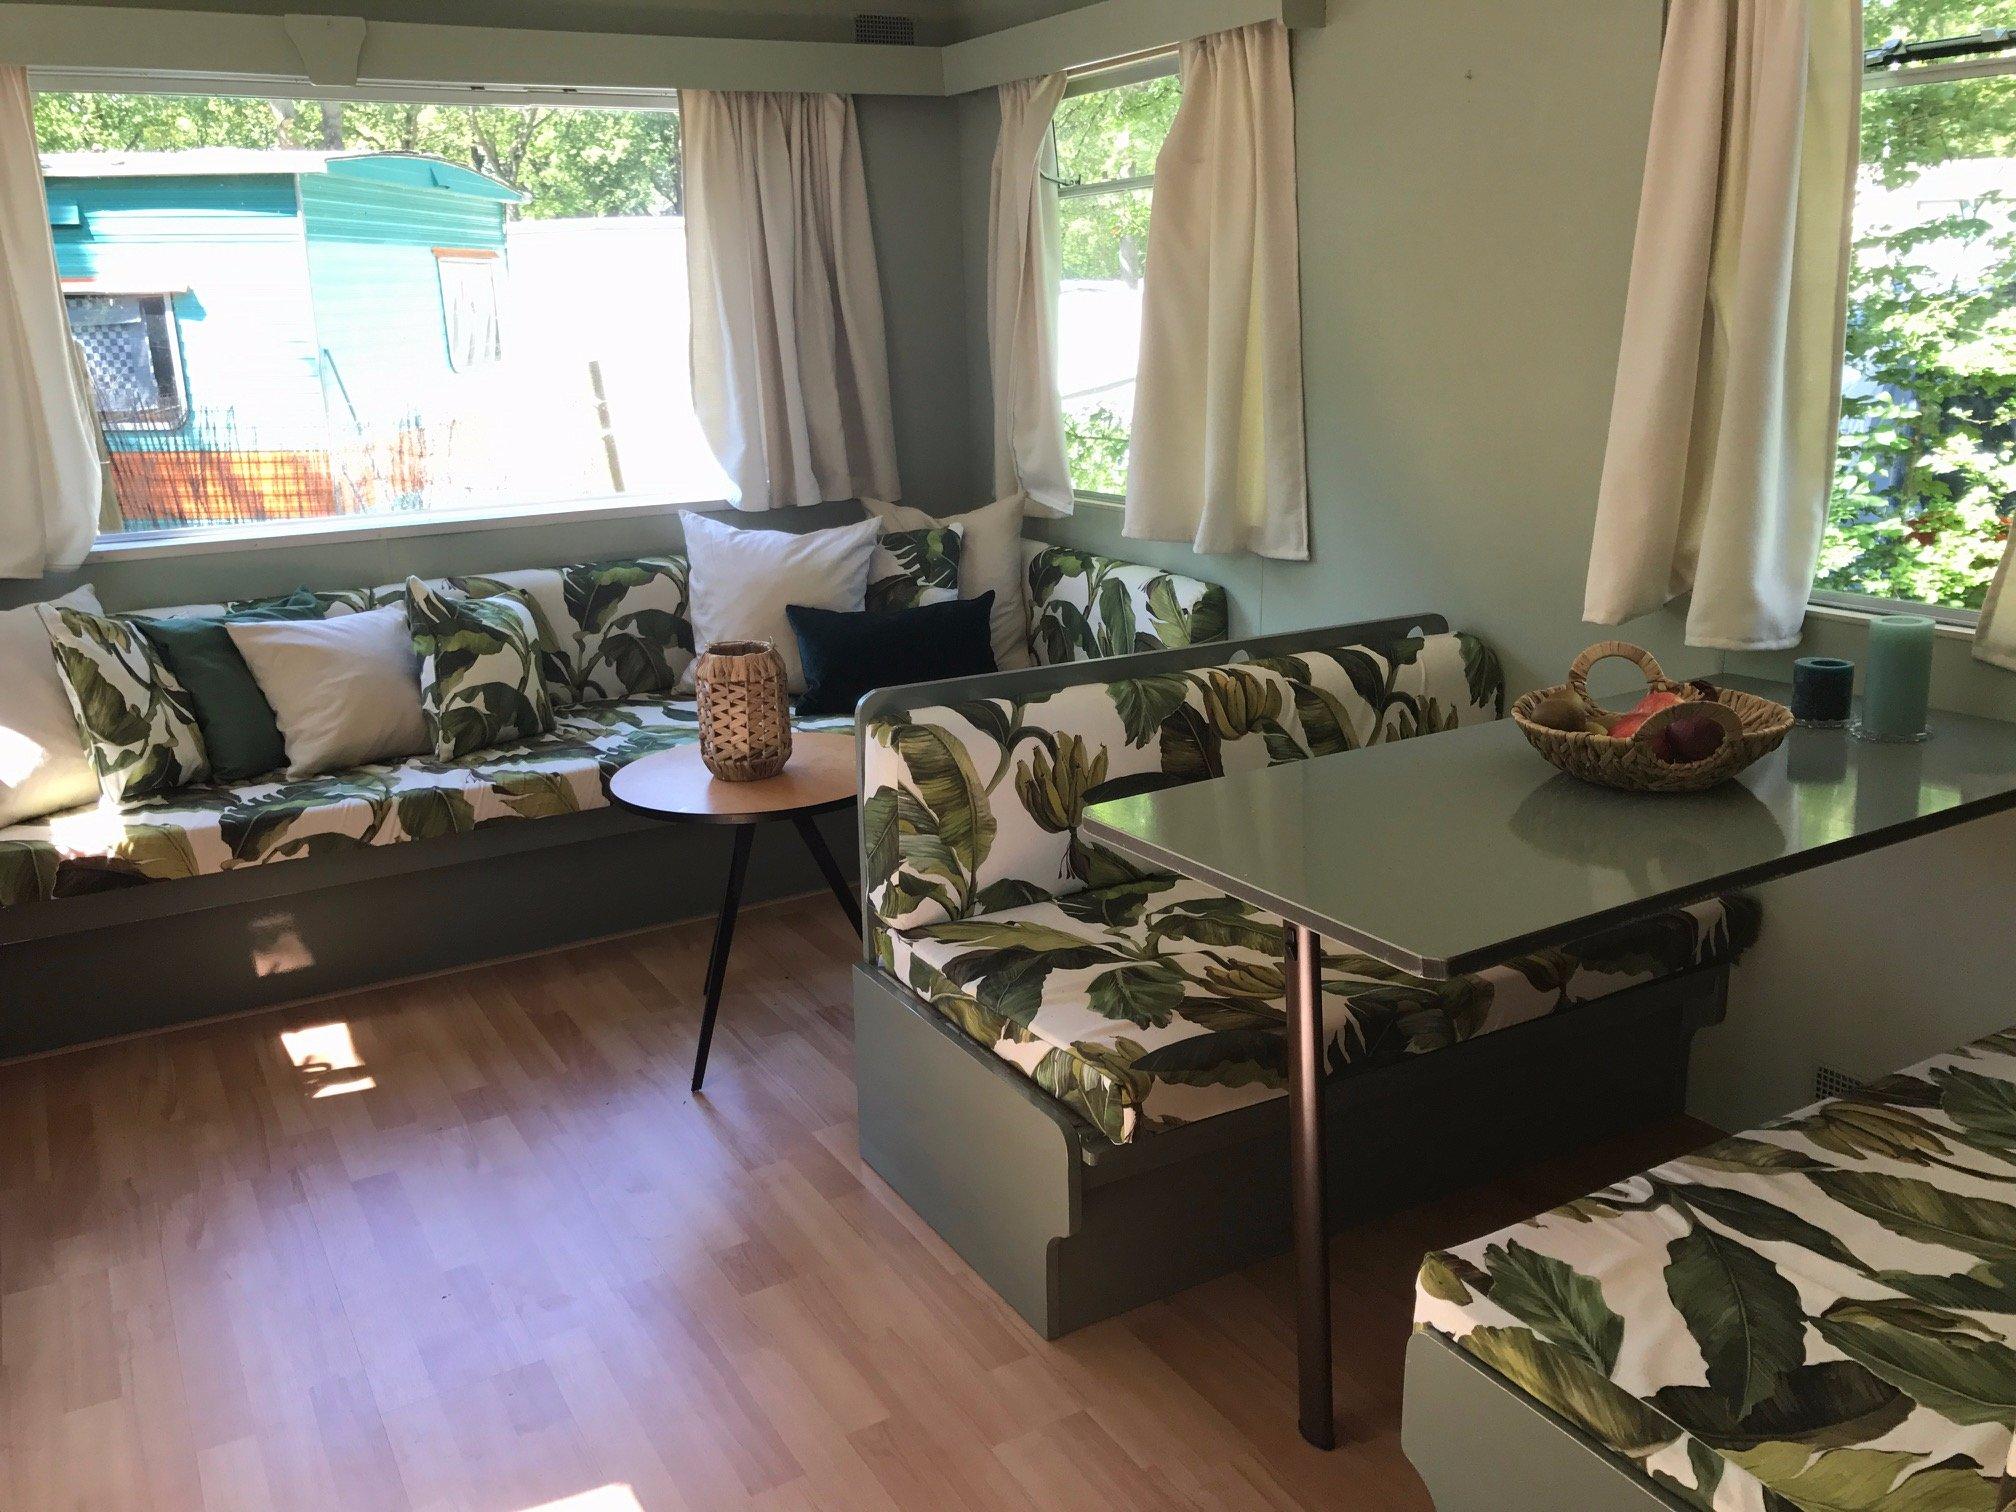 Hoezen maken bank caravan + gordijnen - Werkspot